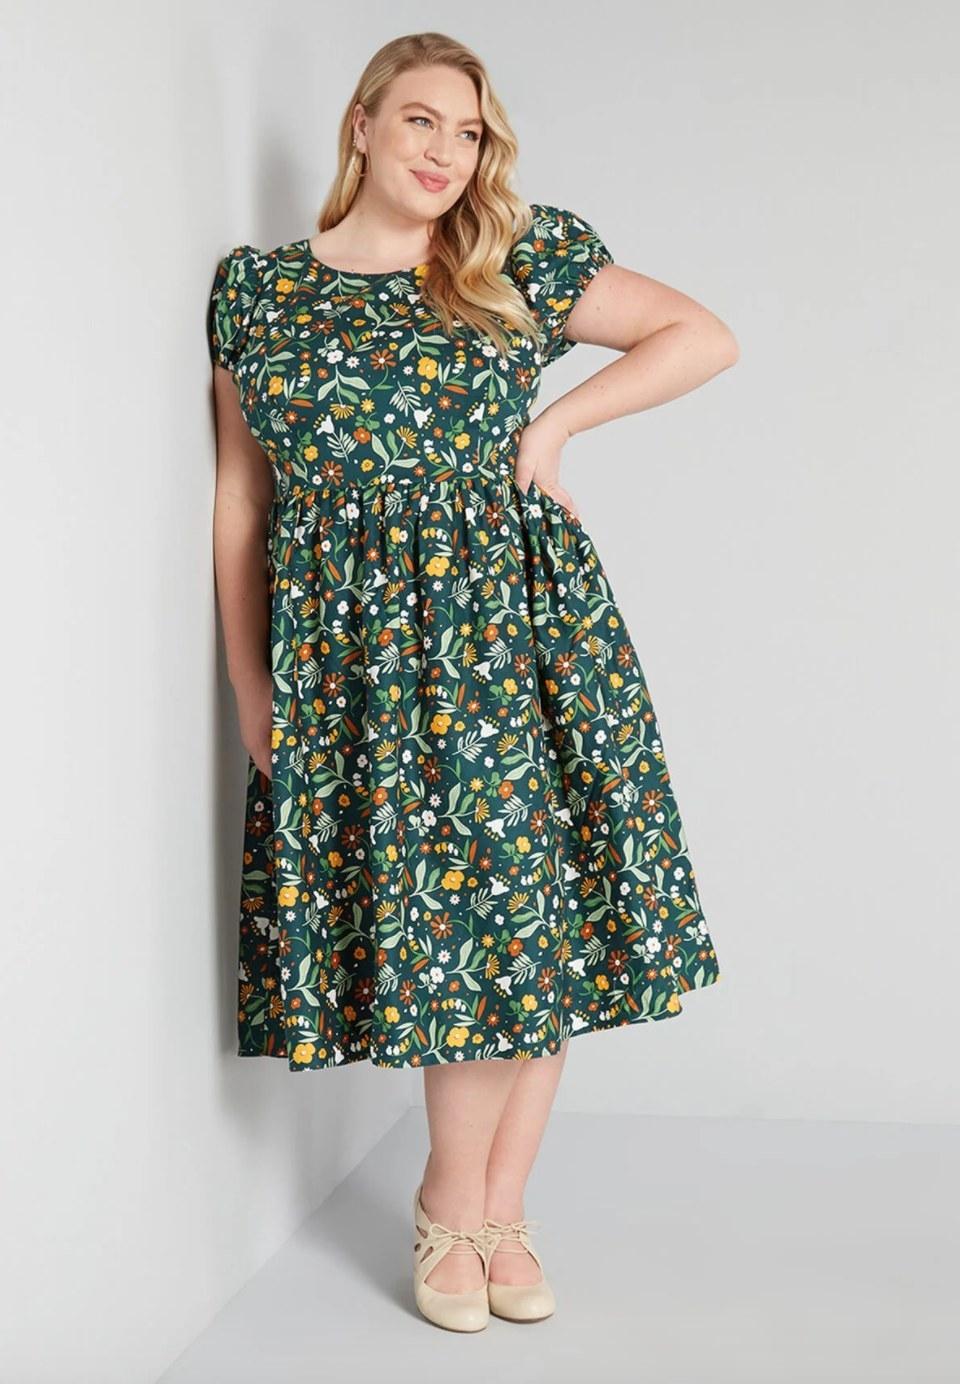 The plus-sized swing dress in green